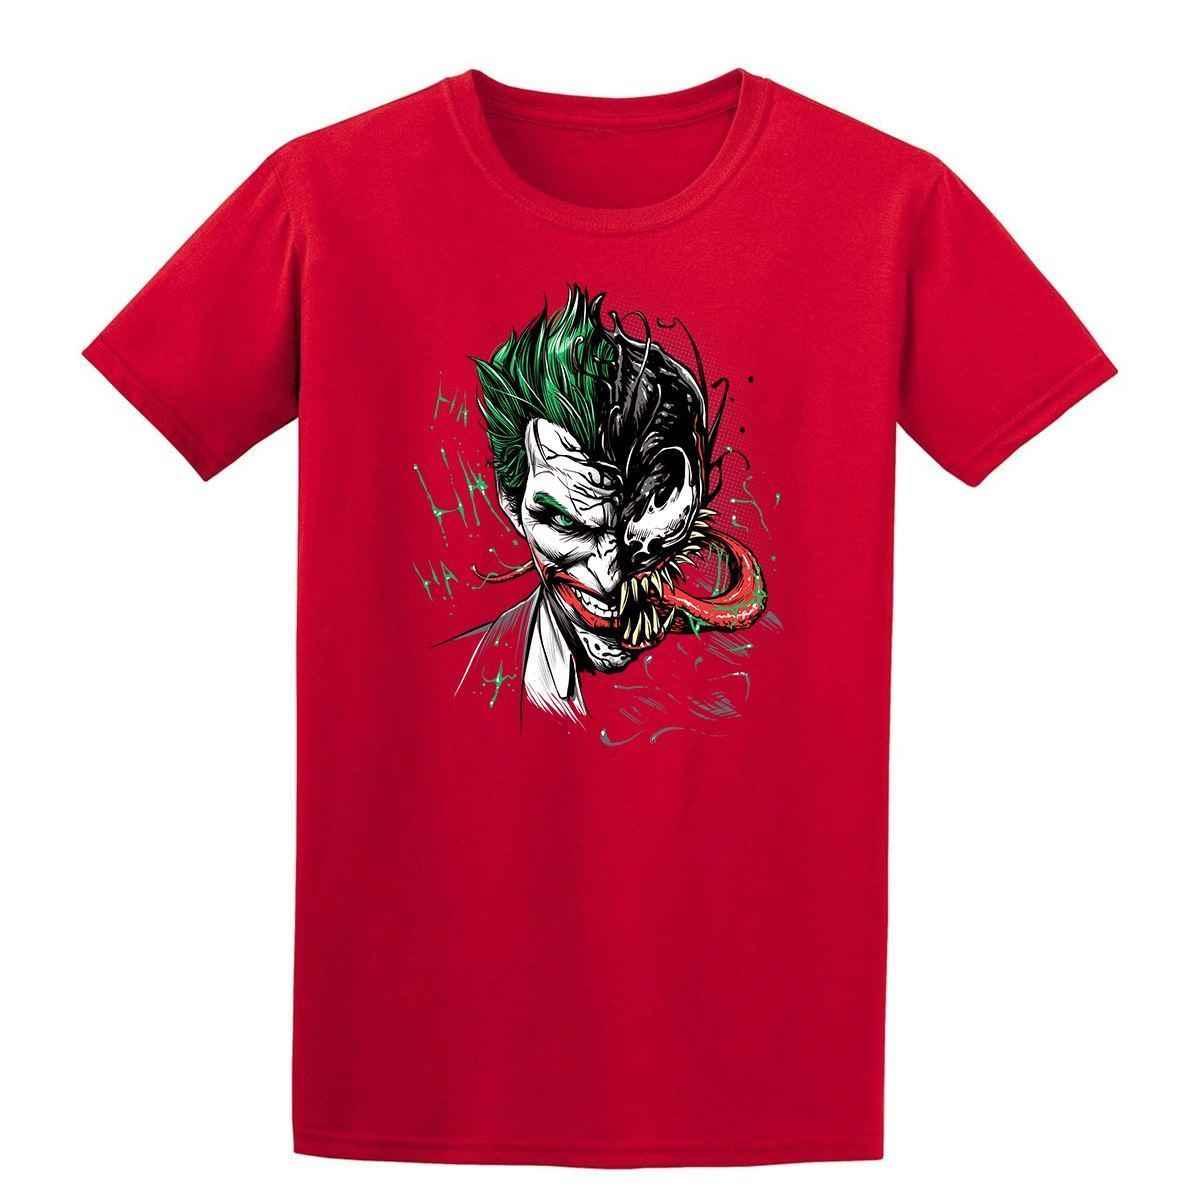 Venom Джокер Хэллоуин ужас Мужская футболка 2019 модная футболка, 100% хлопок футболка, Повседневная принтованная футболка, хип хоп забавная футболка